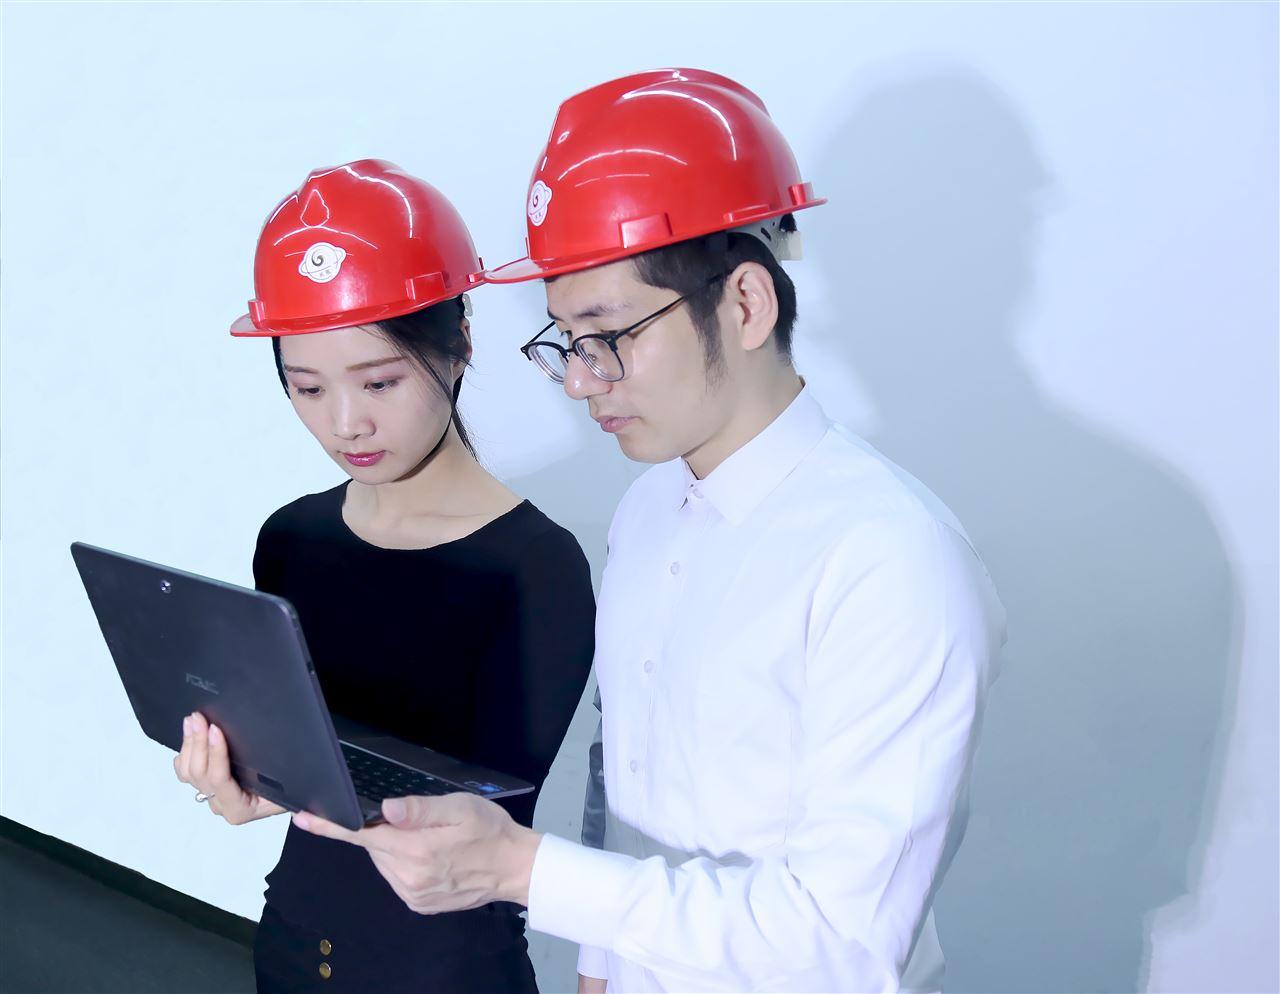 上海高研院在晶體硅太陽電池研究中取得進展